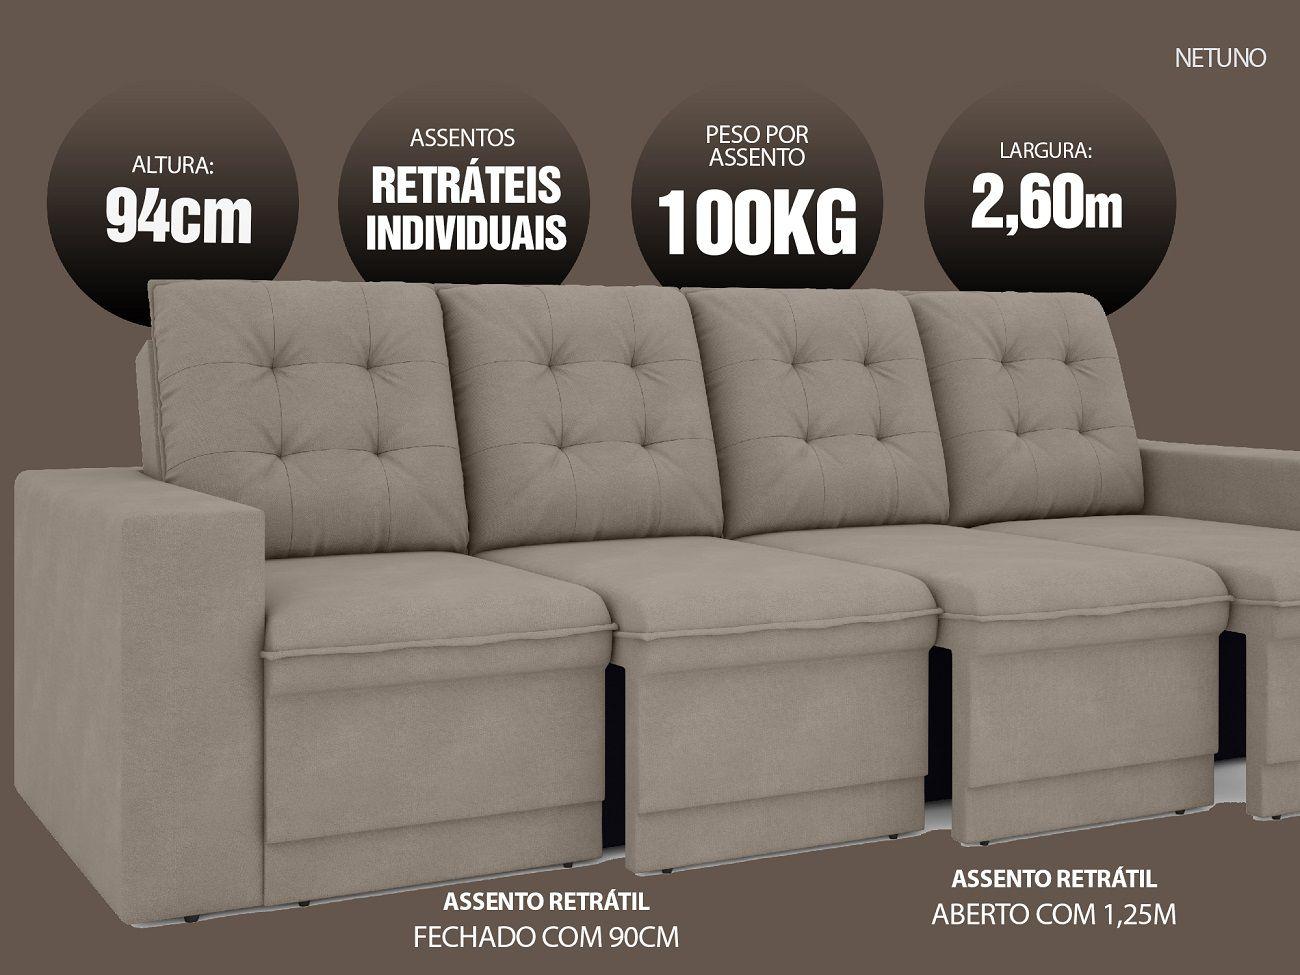 Sofá Netuno 2,60m Retrátil Velosuede Bege - NETSOFAS  - NETSOFÁS